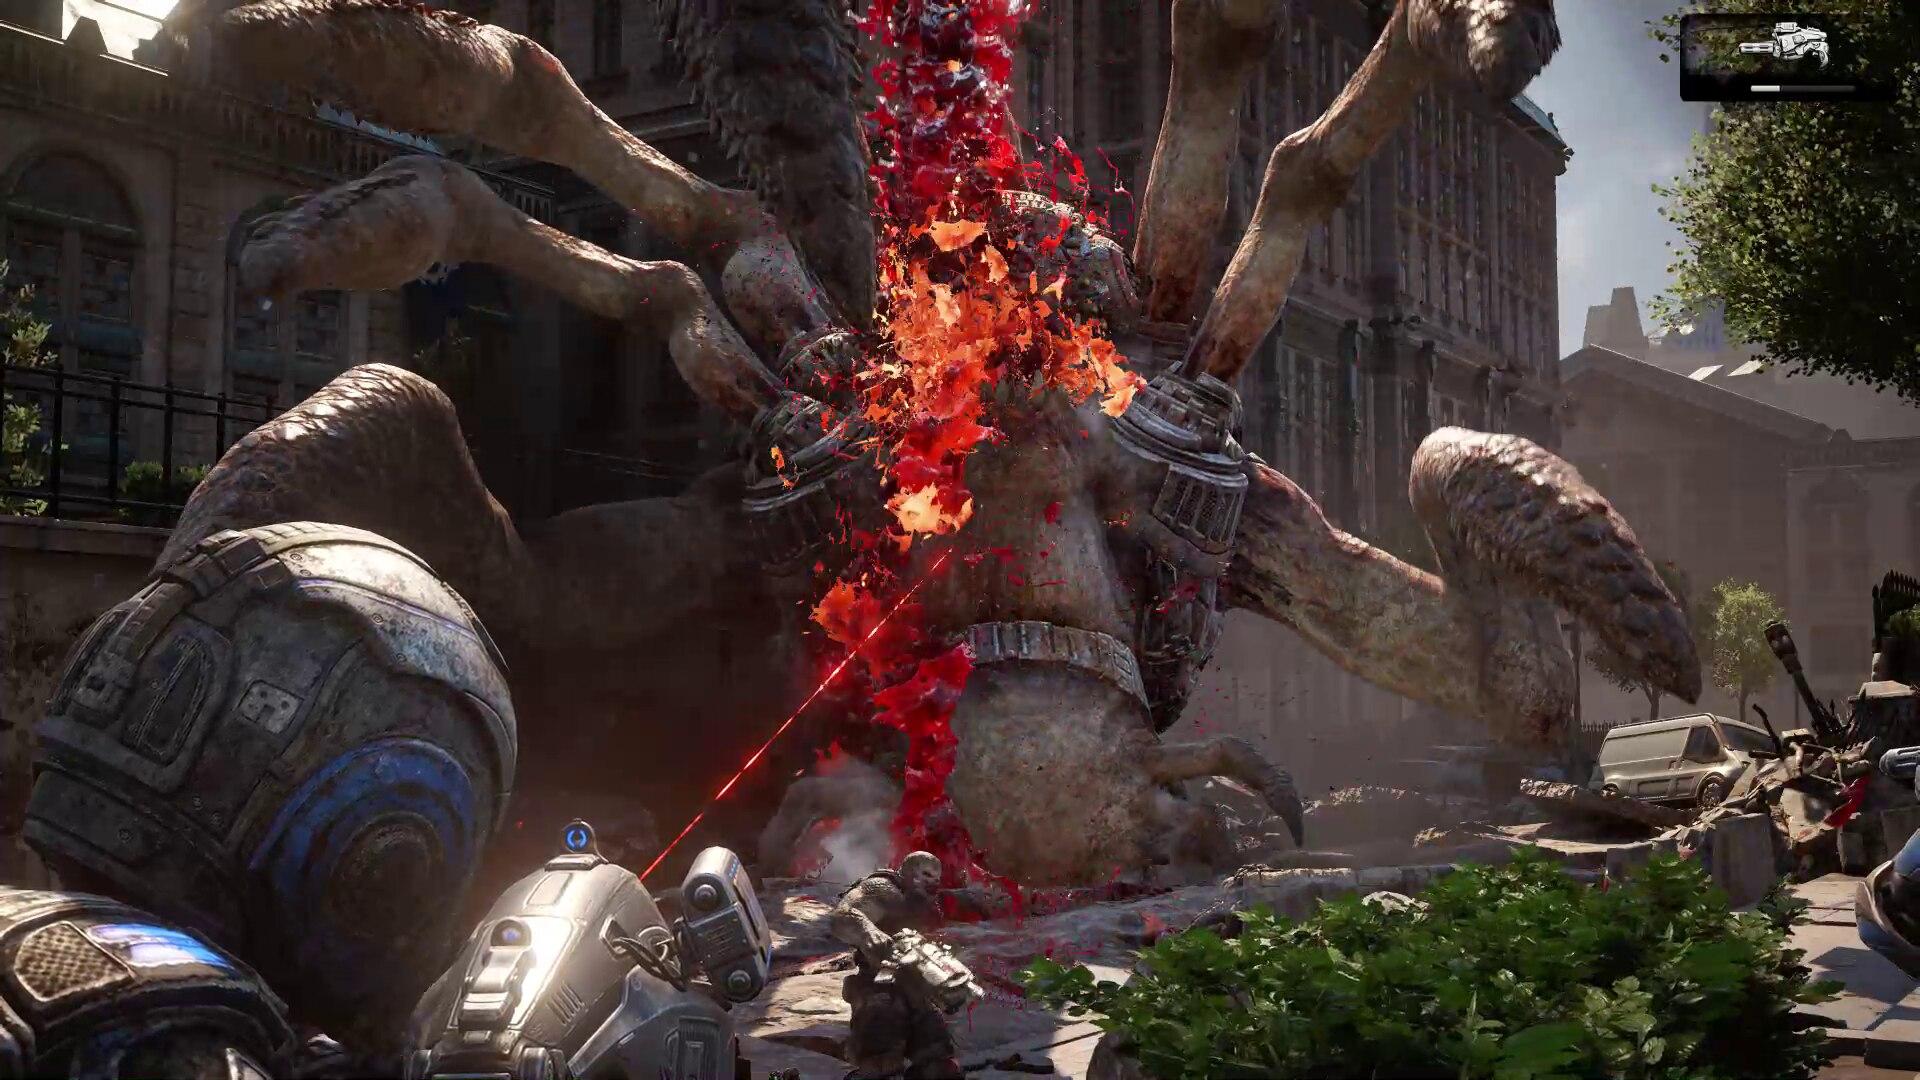 過去の回想シーンで、人類の存亡を賭けて戦う兵士達。シリーズ通して愛された最強のビーム兵器「ドーンハンマー」が使えるのは、本作ではここだけ